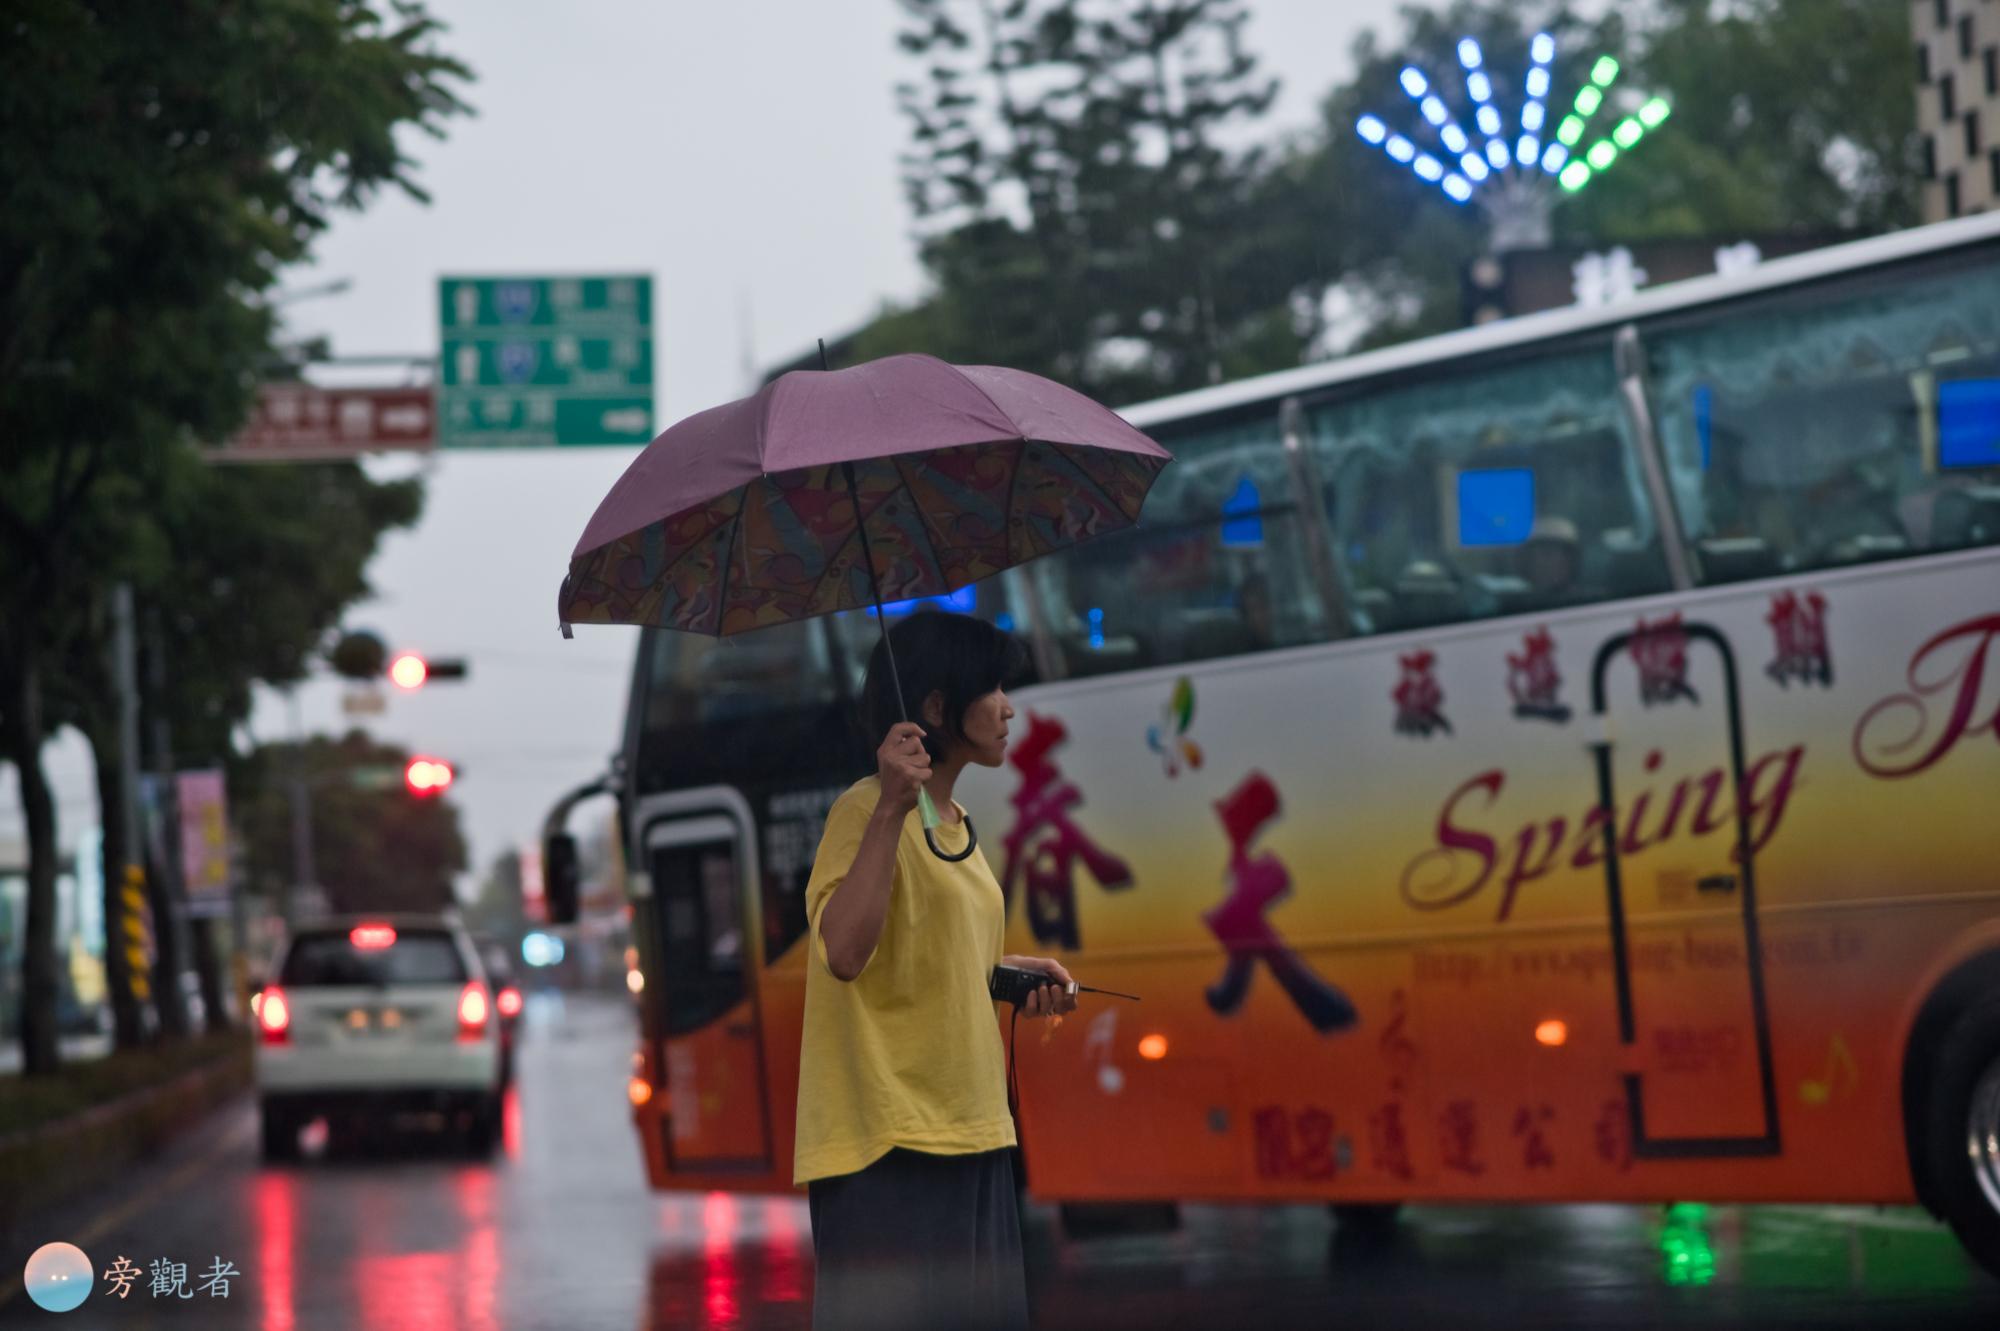 一位女士站在道路上阻止來往車輛,以協助遊覽車倒車停入餐廳的停車區。南投埔里西門